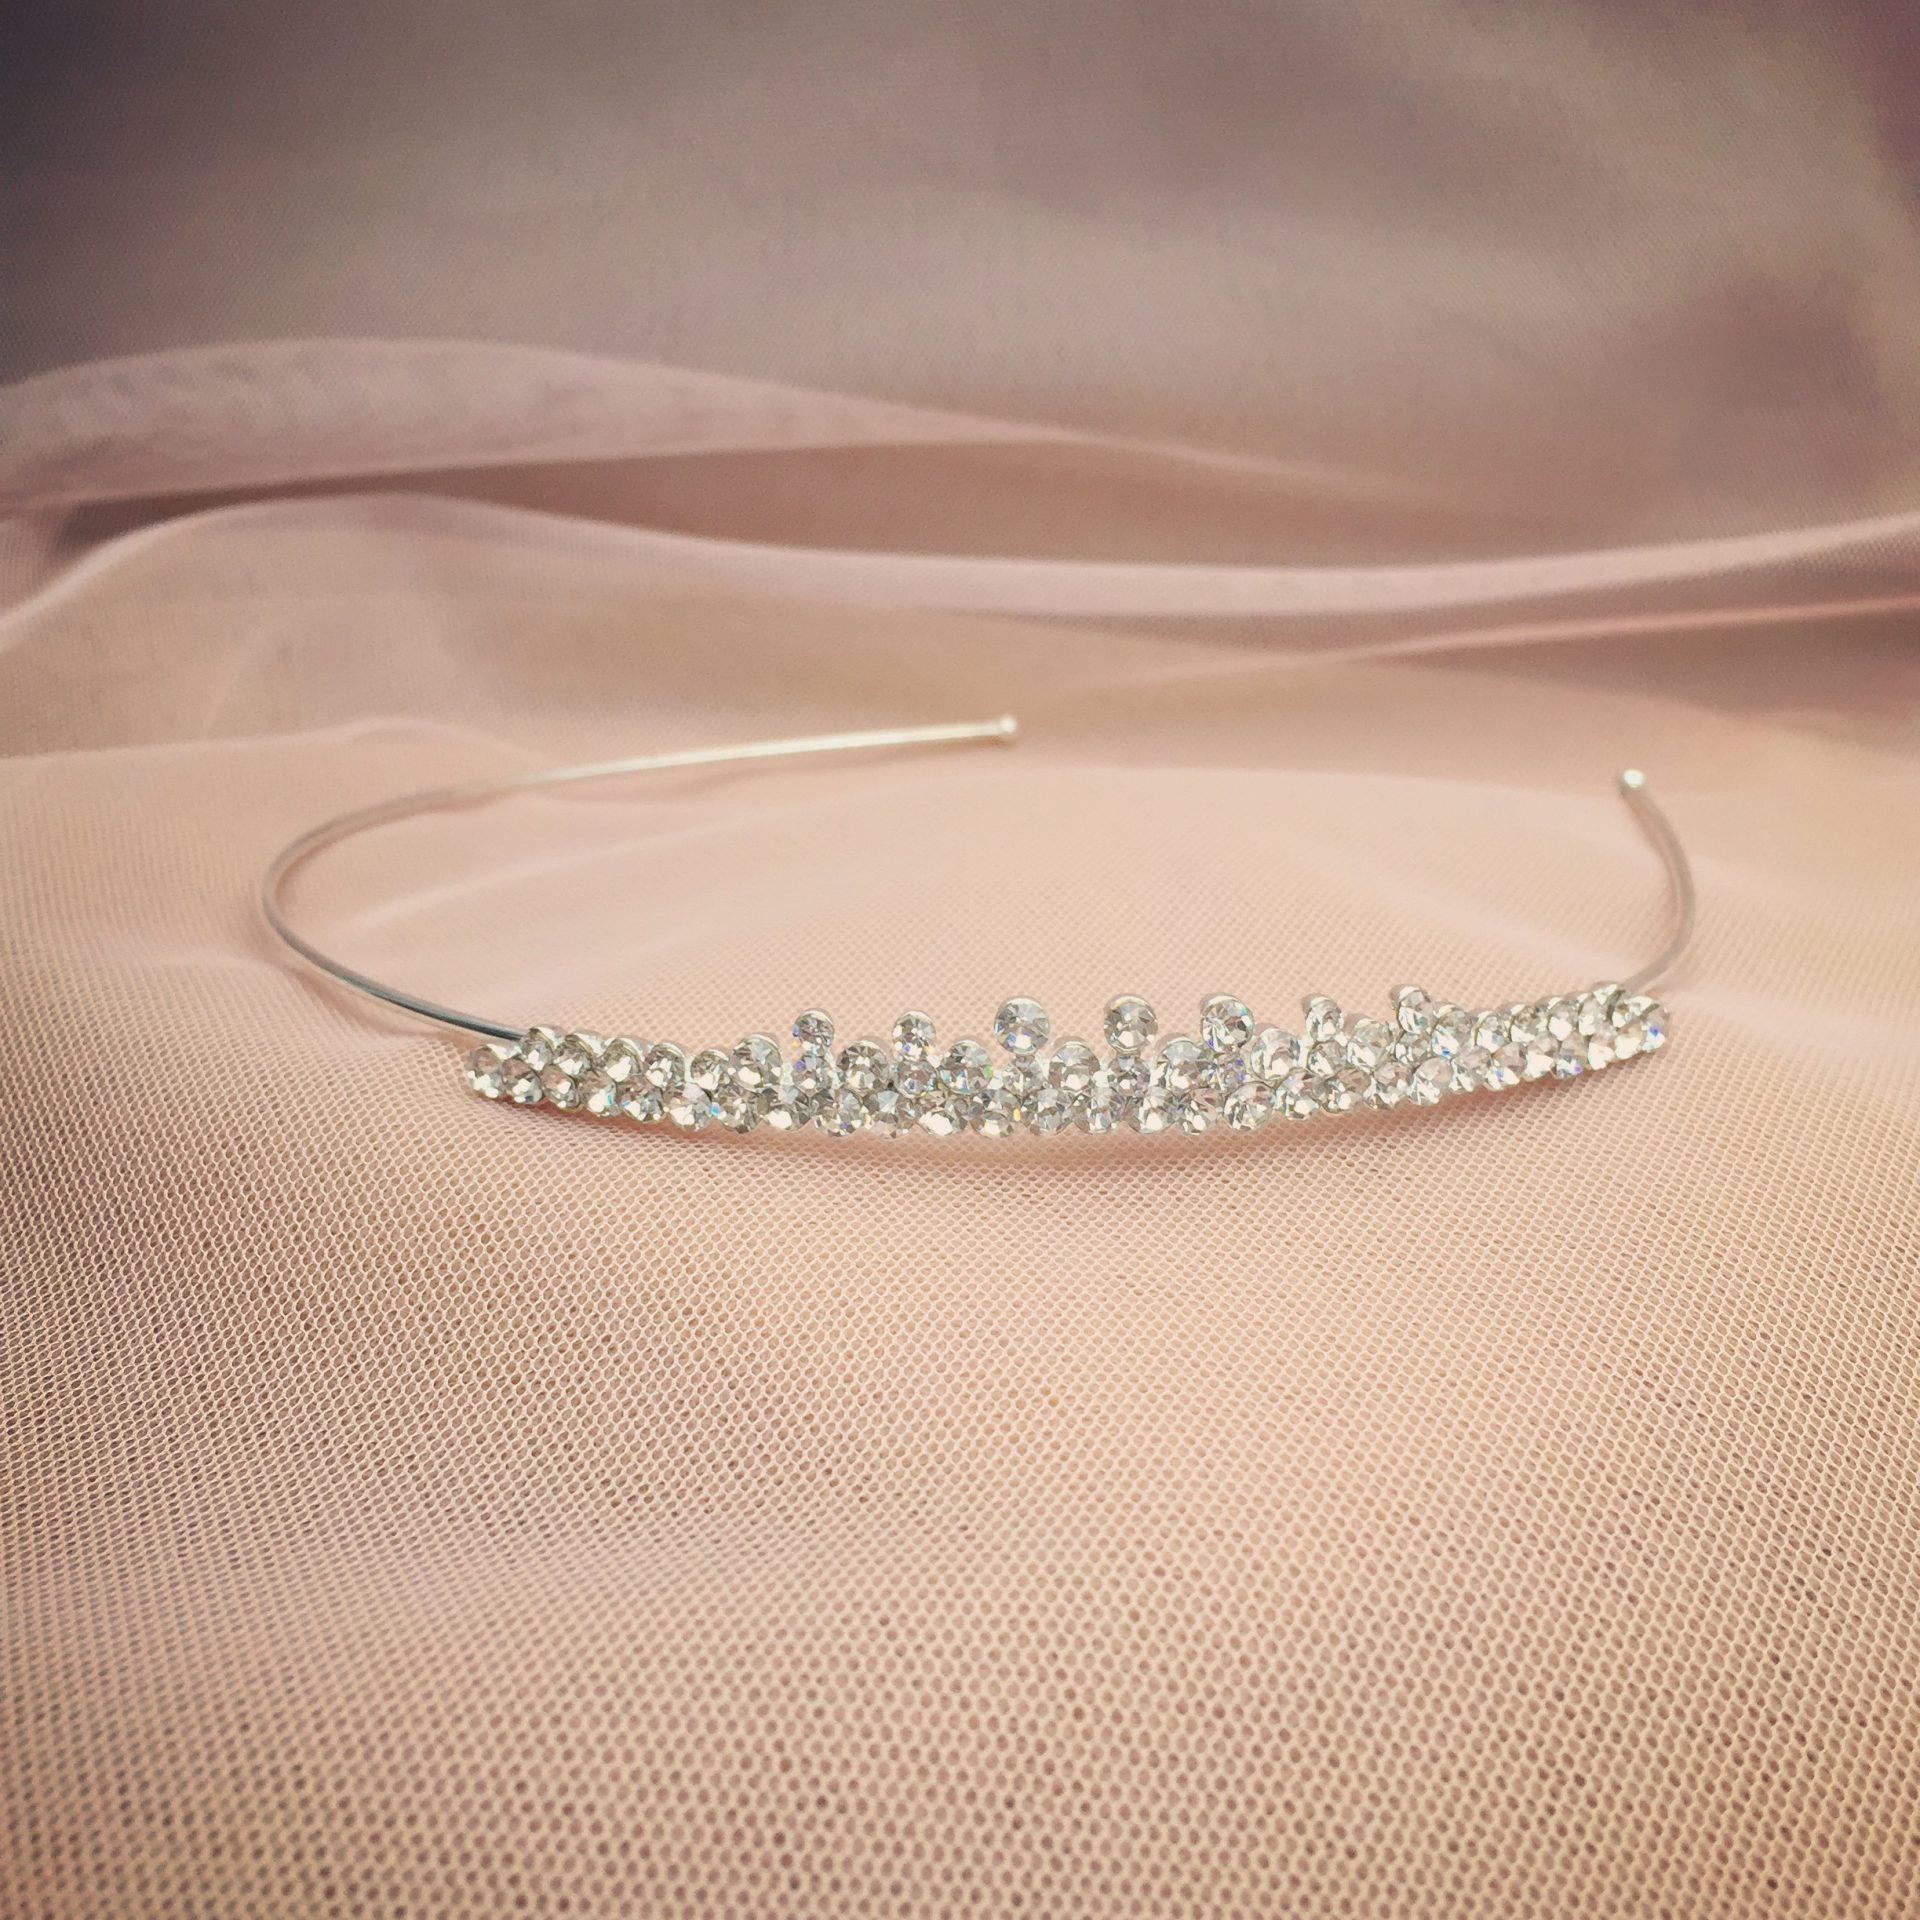 15. Simple Glamour – Headband (i)